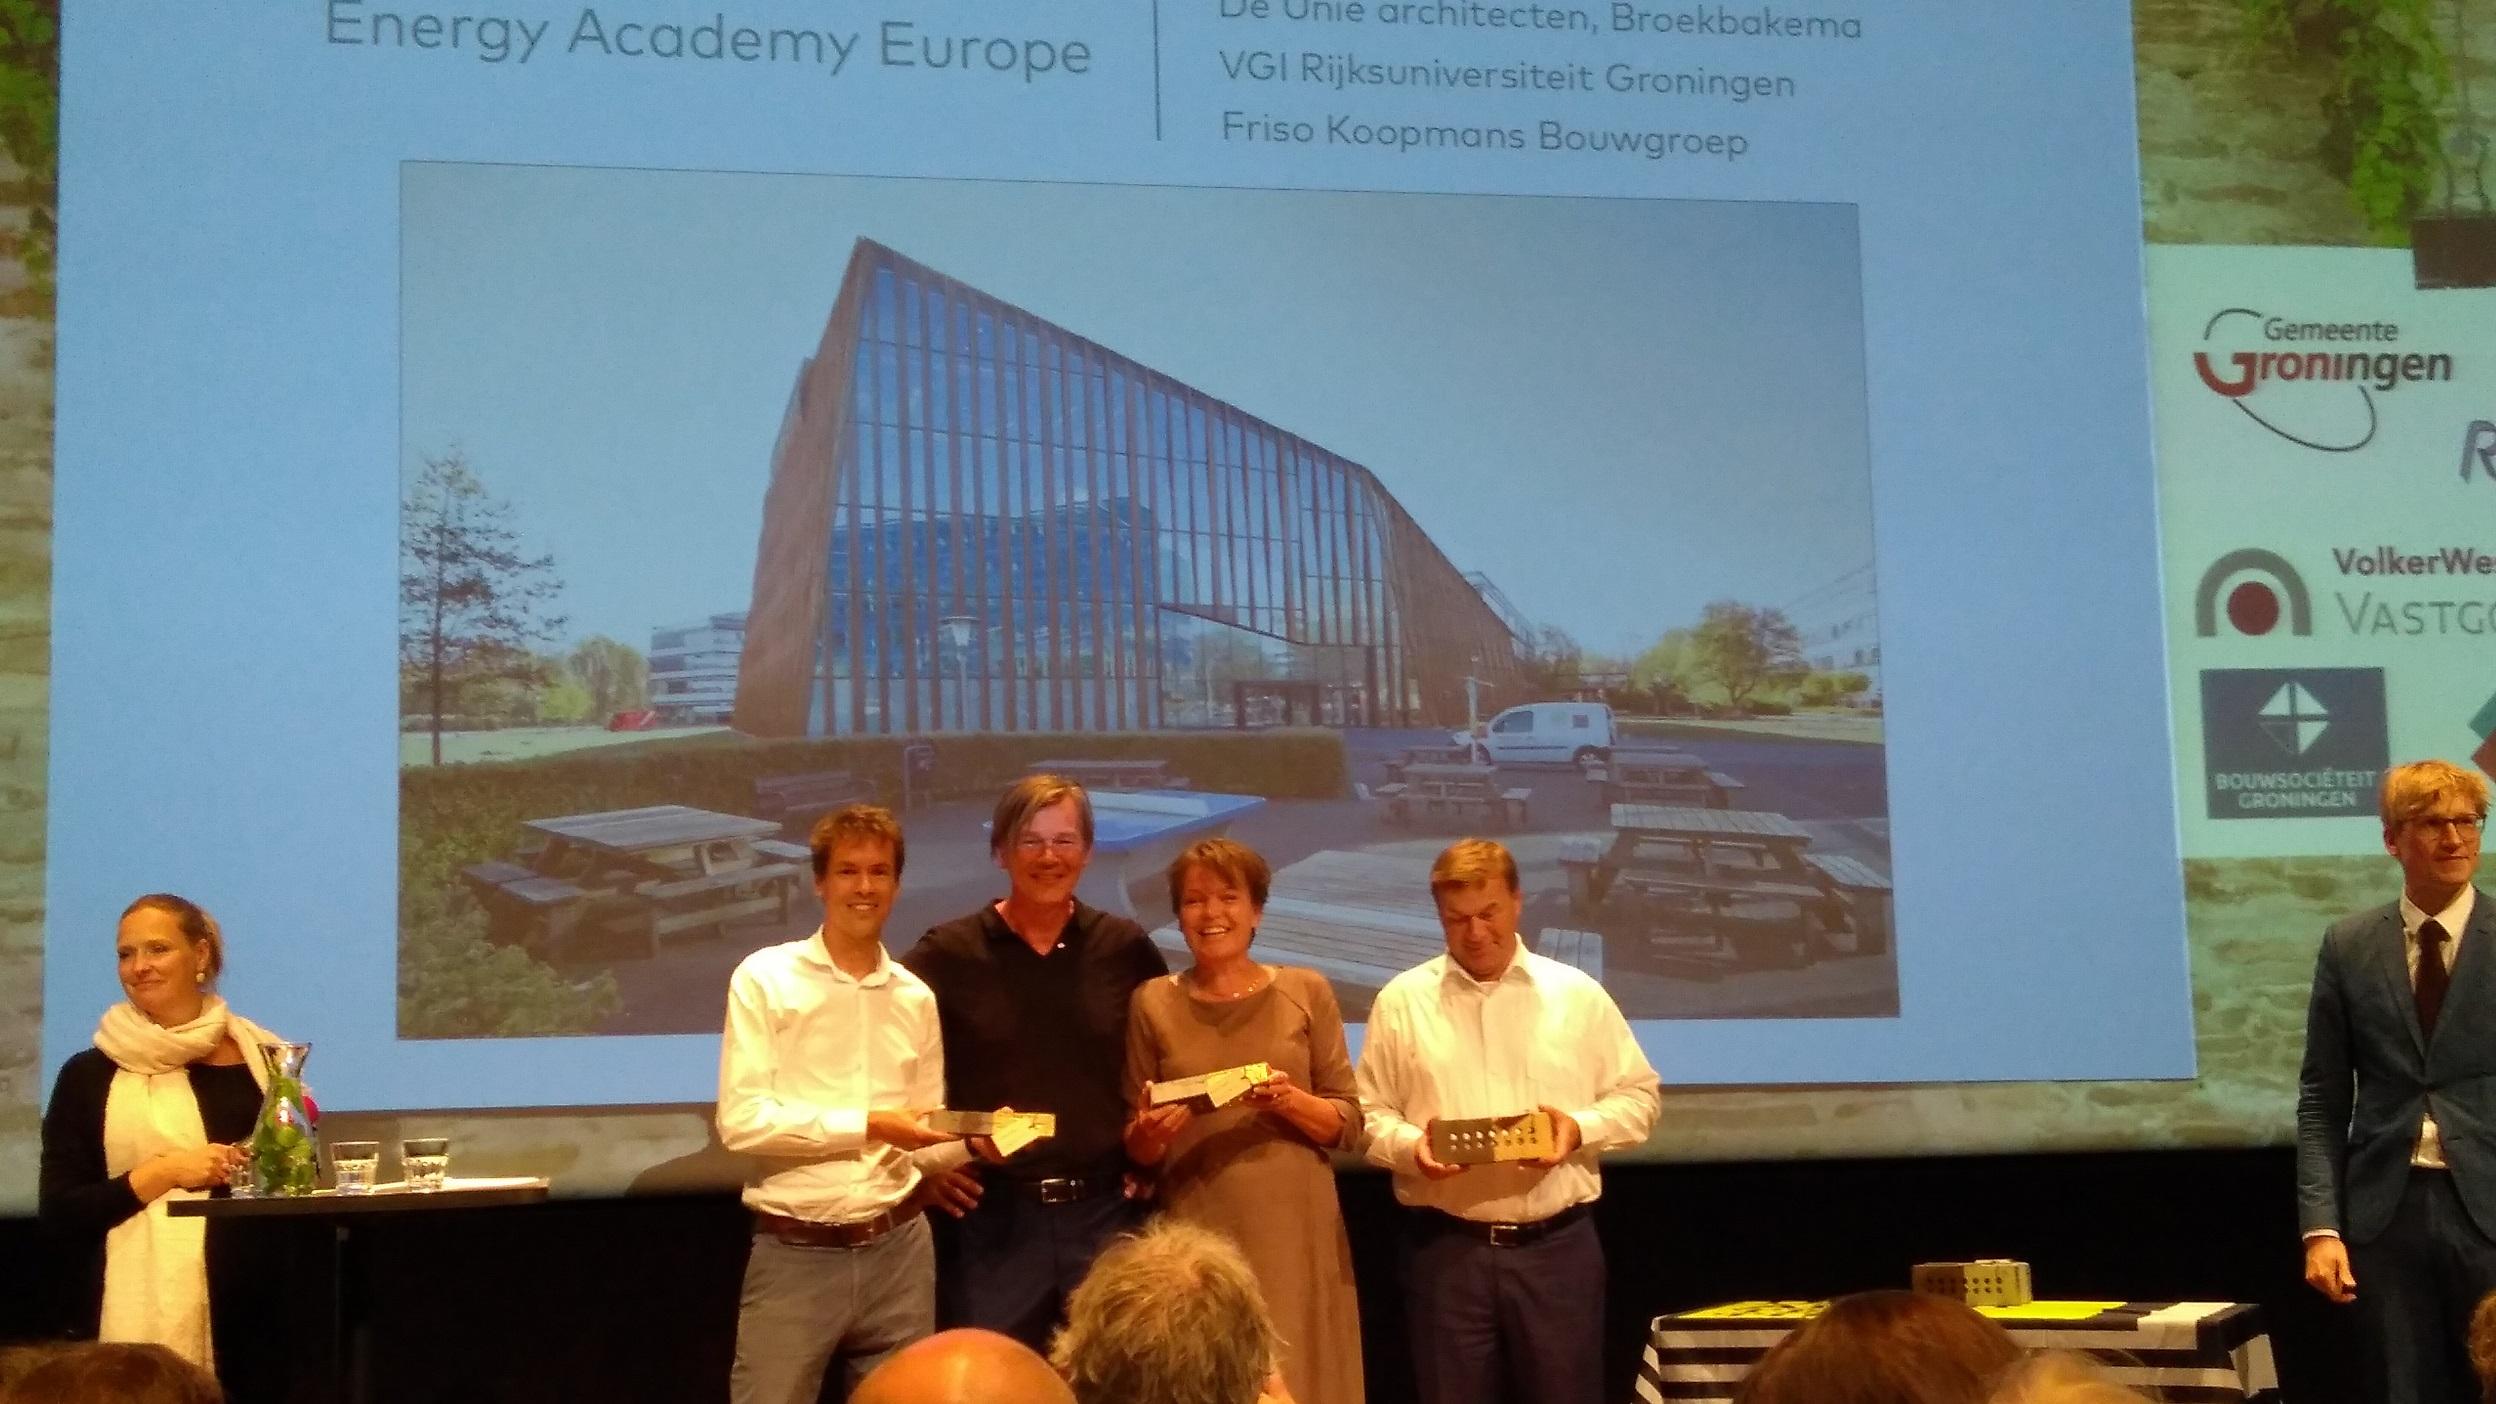 Mooiste Gebouw Van Groningen.Rug Gebouw Energy Academy Europe Mooiste Gebouw Van